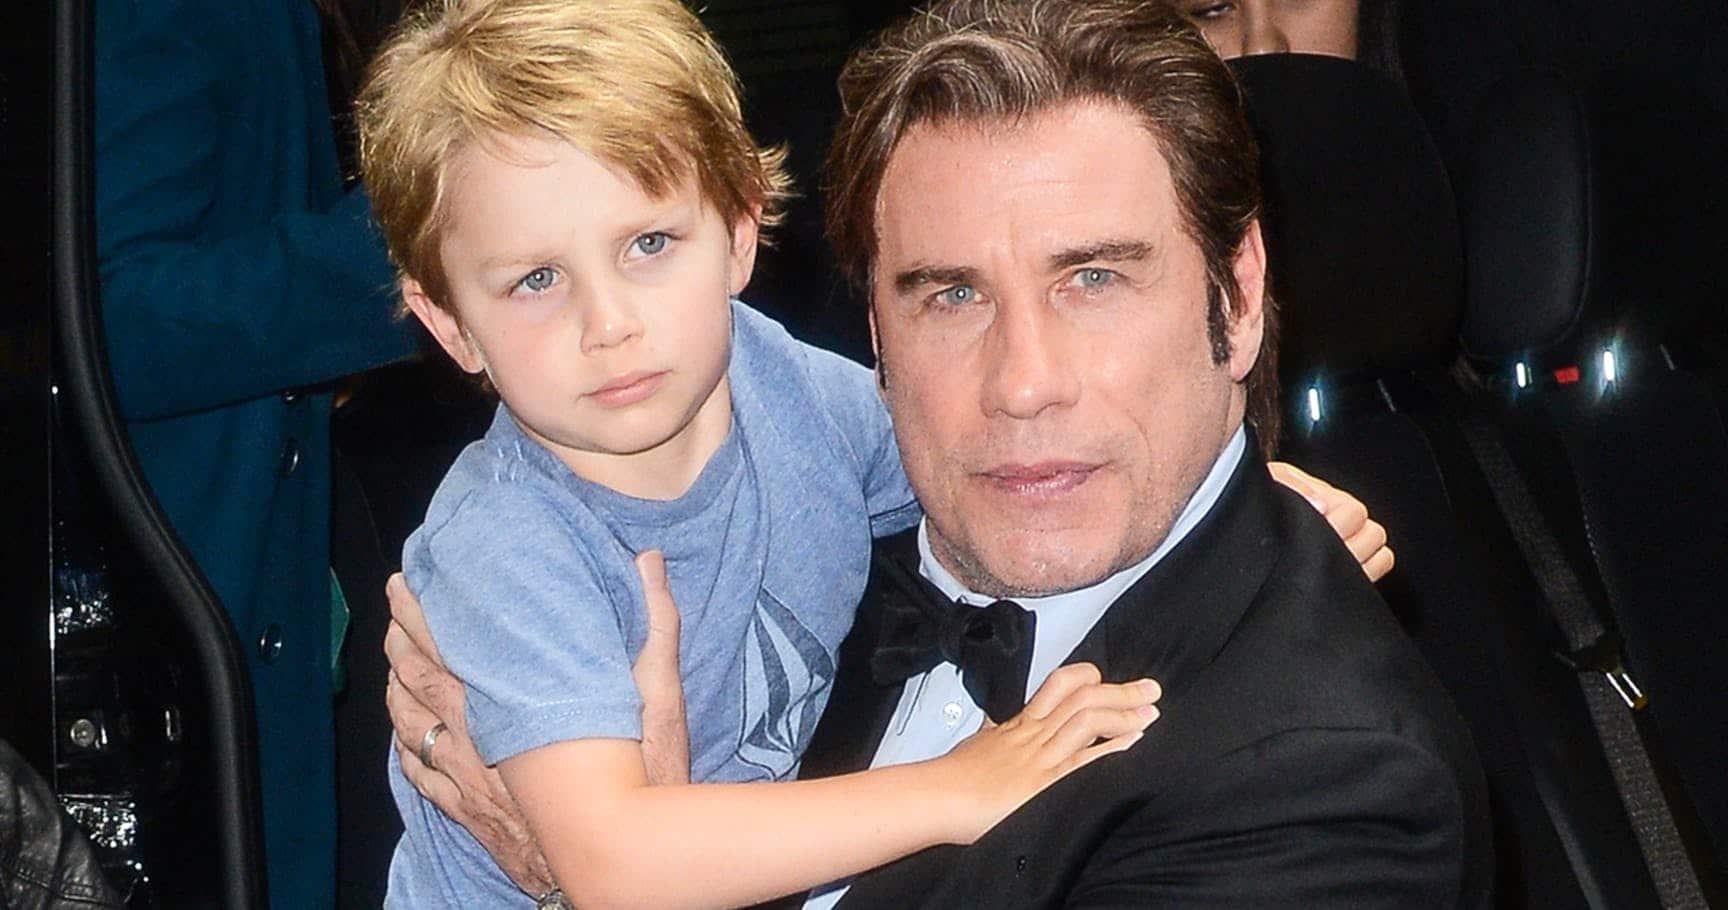 El Hijo De John Travolta No Podría Parecerse Más A Su Padre